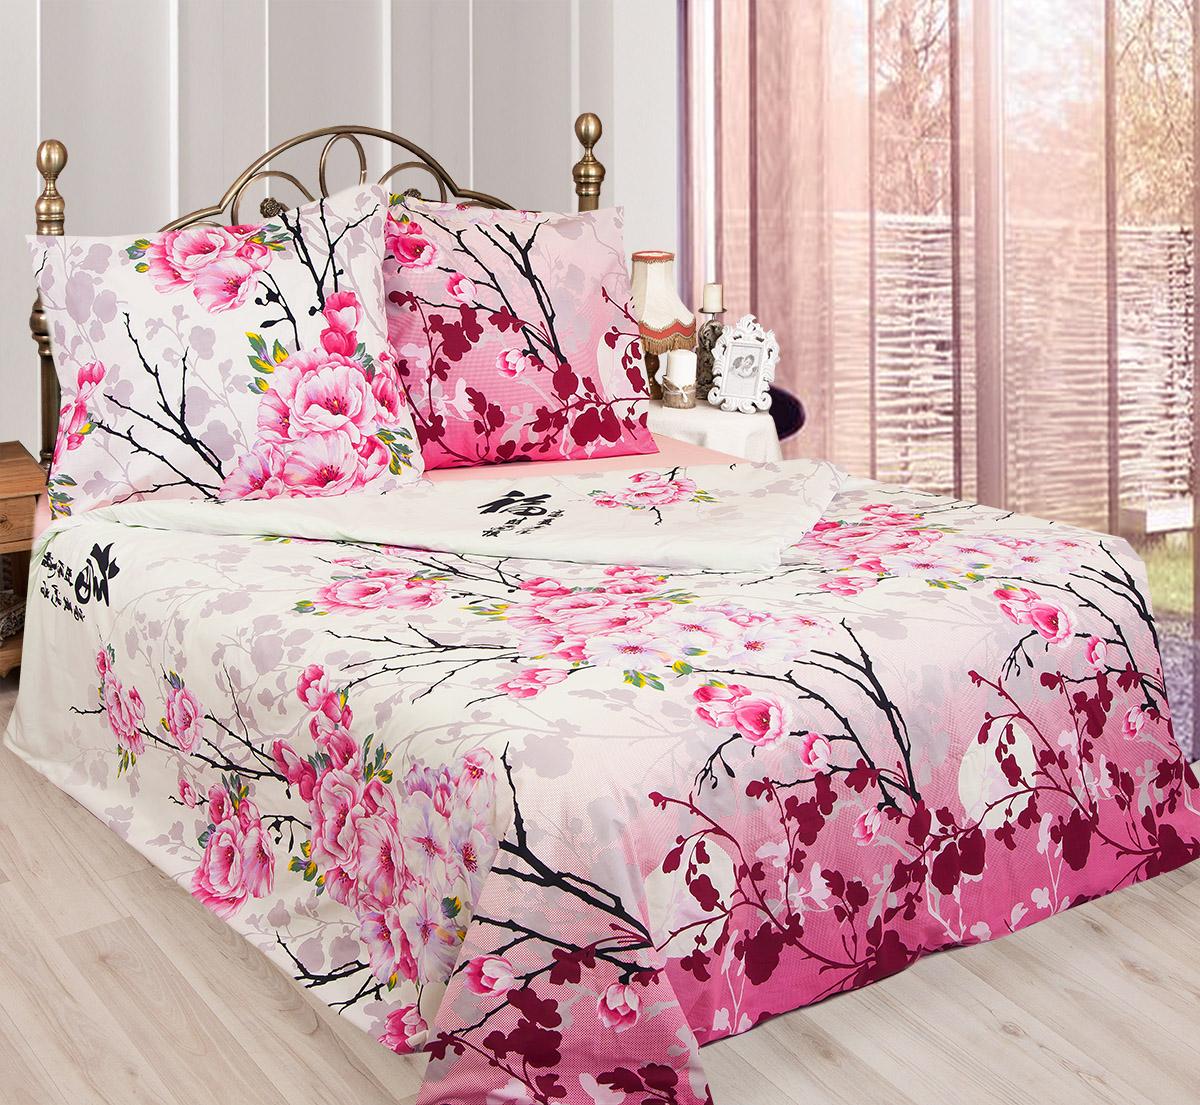 Комплект белья Sova & Javoronok Японский мотив, 2-спальный, наволочки 50х70, цвет: белый, розовый, сиреневый. 203111411203111411Комплект постельного белья Sova & Javoronok Японский мотив является экологически чистым и безопасным для всей семьи, так как выполнен из натурального хлопка. Комплект состоит из пододеяльника, простыни и двух наволочек. Постельное белье оформлено изображением цветущей сакуры и иероглифами. Бязь - 100 % хлопок, хлопчатобумажная ткань полотняного переплетения без искусственных добавок. Большое количество нитей делает эту ткань более плотной, более долговечной. Высокая плотность ткани позволяет сохранить форму изделия, его первоначальные размеры и первозданный рисунок. Легко стирается и хорошо гладится. При соблюдении рекомендуемых условий стирки, сушки и глажения ткань имеет усадку по ГОСТу, сохраняется яркость текстильных рисунков.